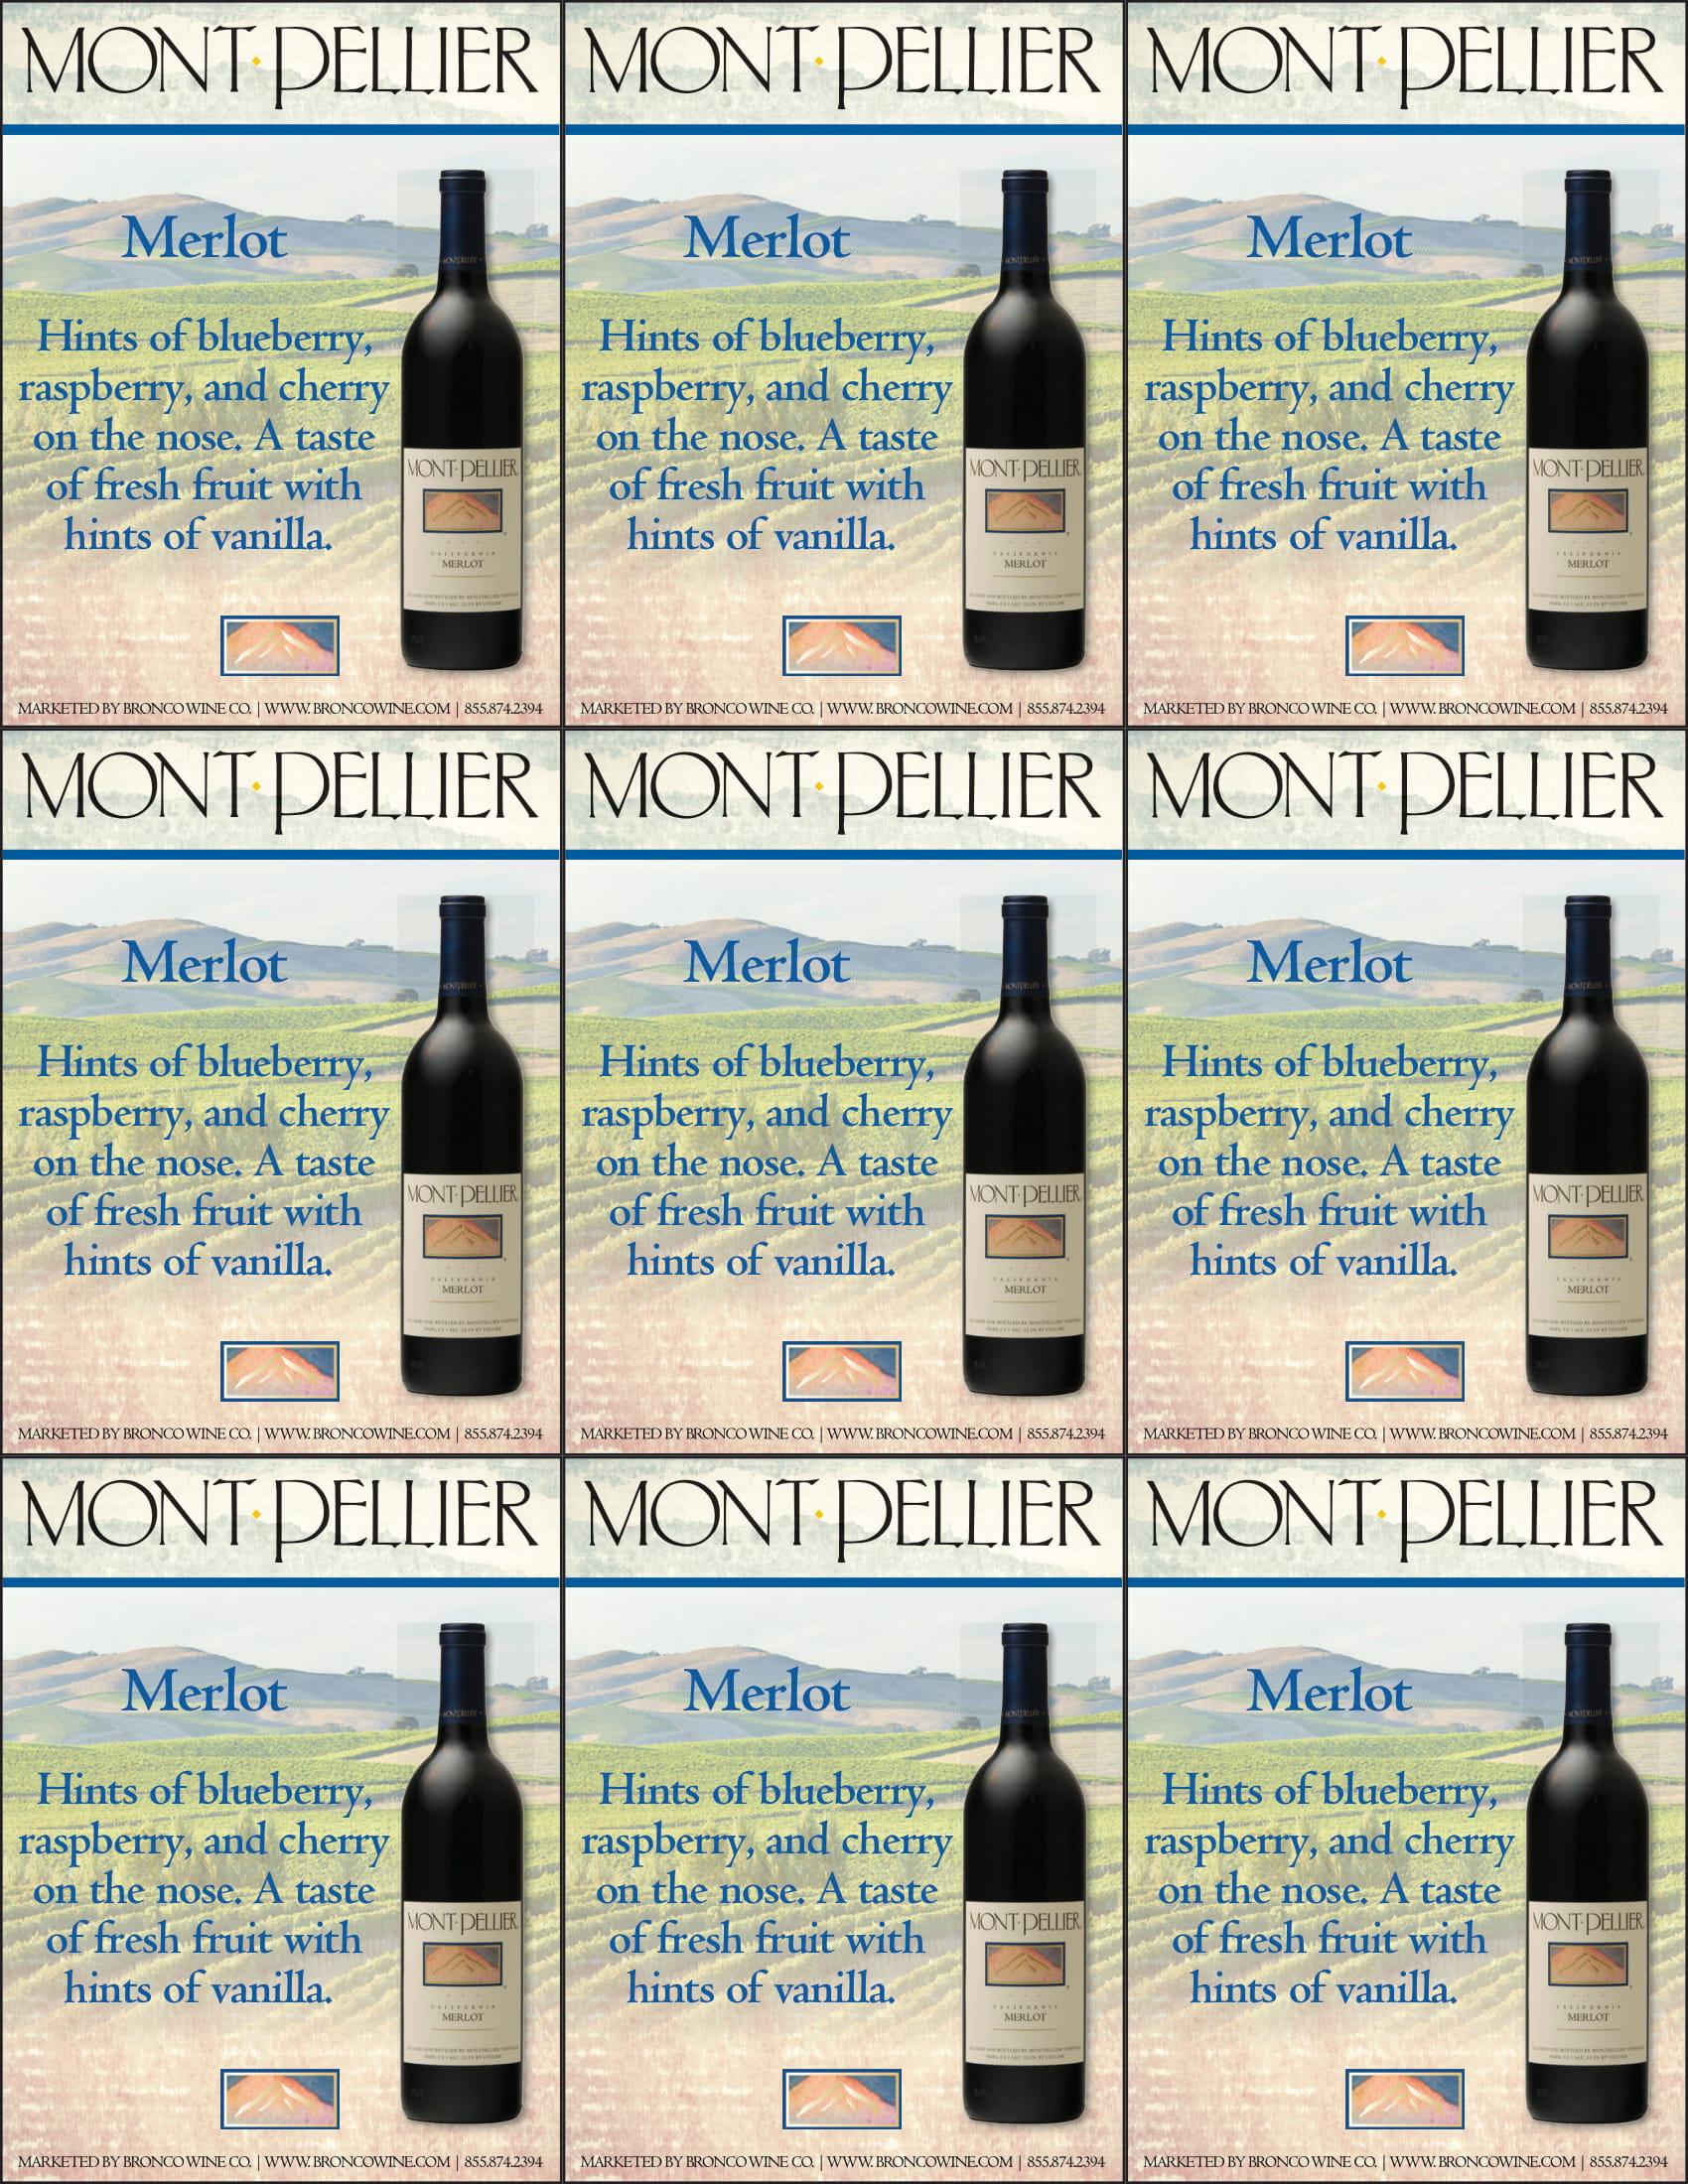 Montpellier Merlot Shelf Talker